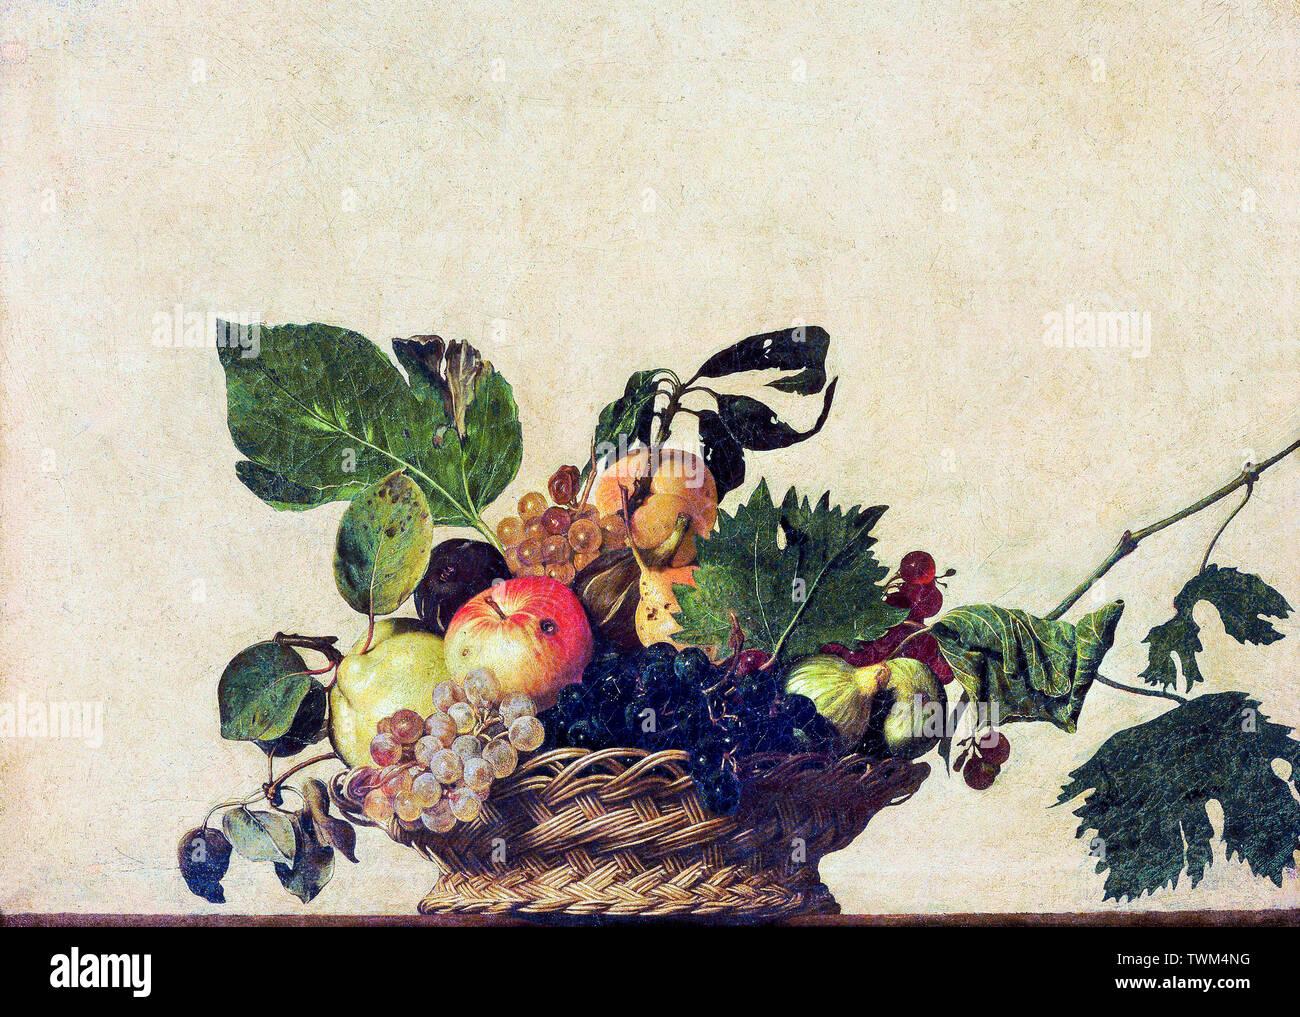 Caravaggio, canasta de frutas, los bodegones pintura, circa 1595 Imagen De Stock